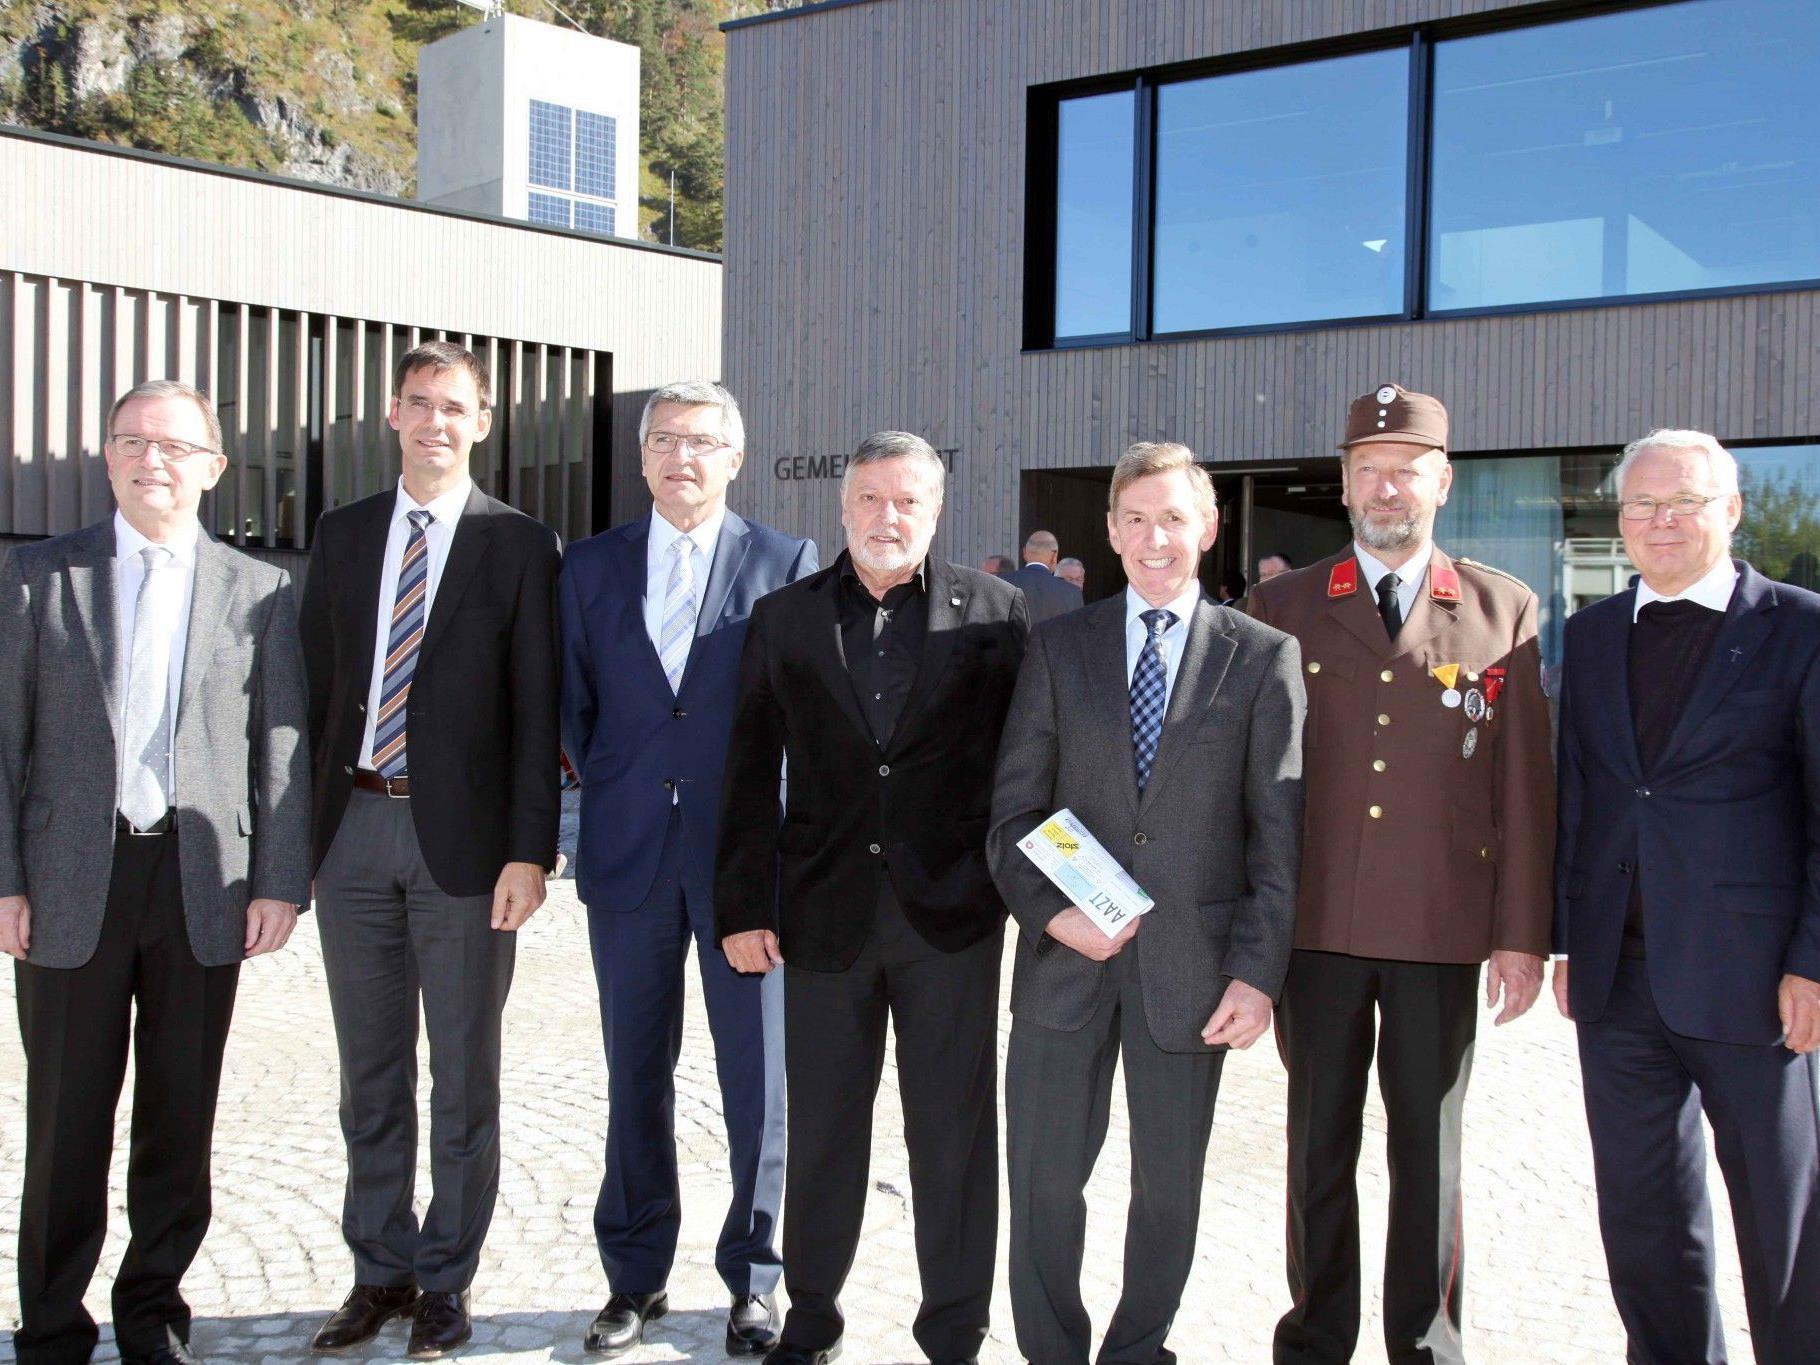 Das neue Gemeinde-Zentrum Lorüns wurde im Beisein zahlreicher Gäste feierlich eröffnet.